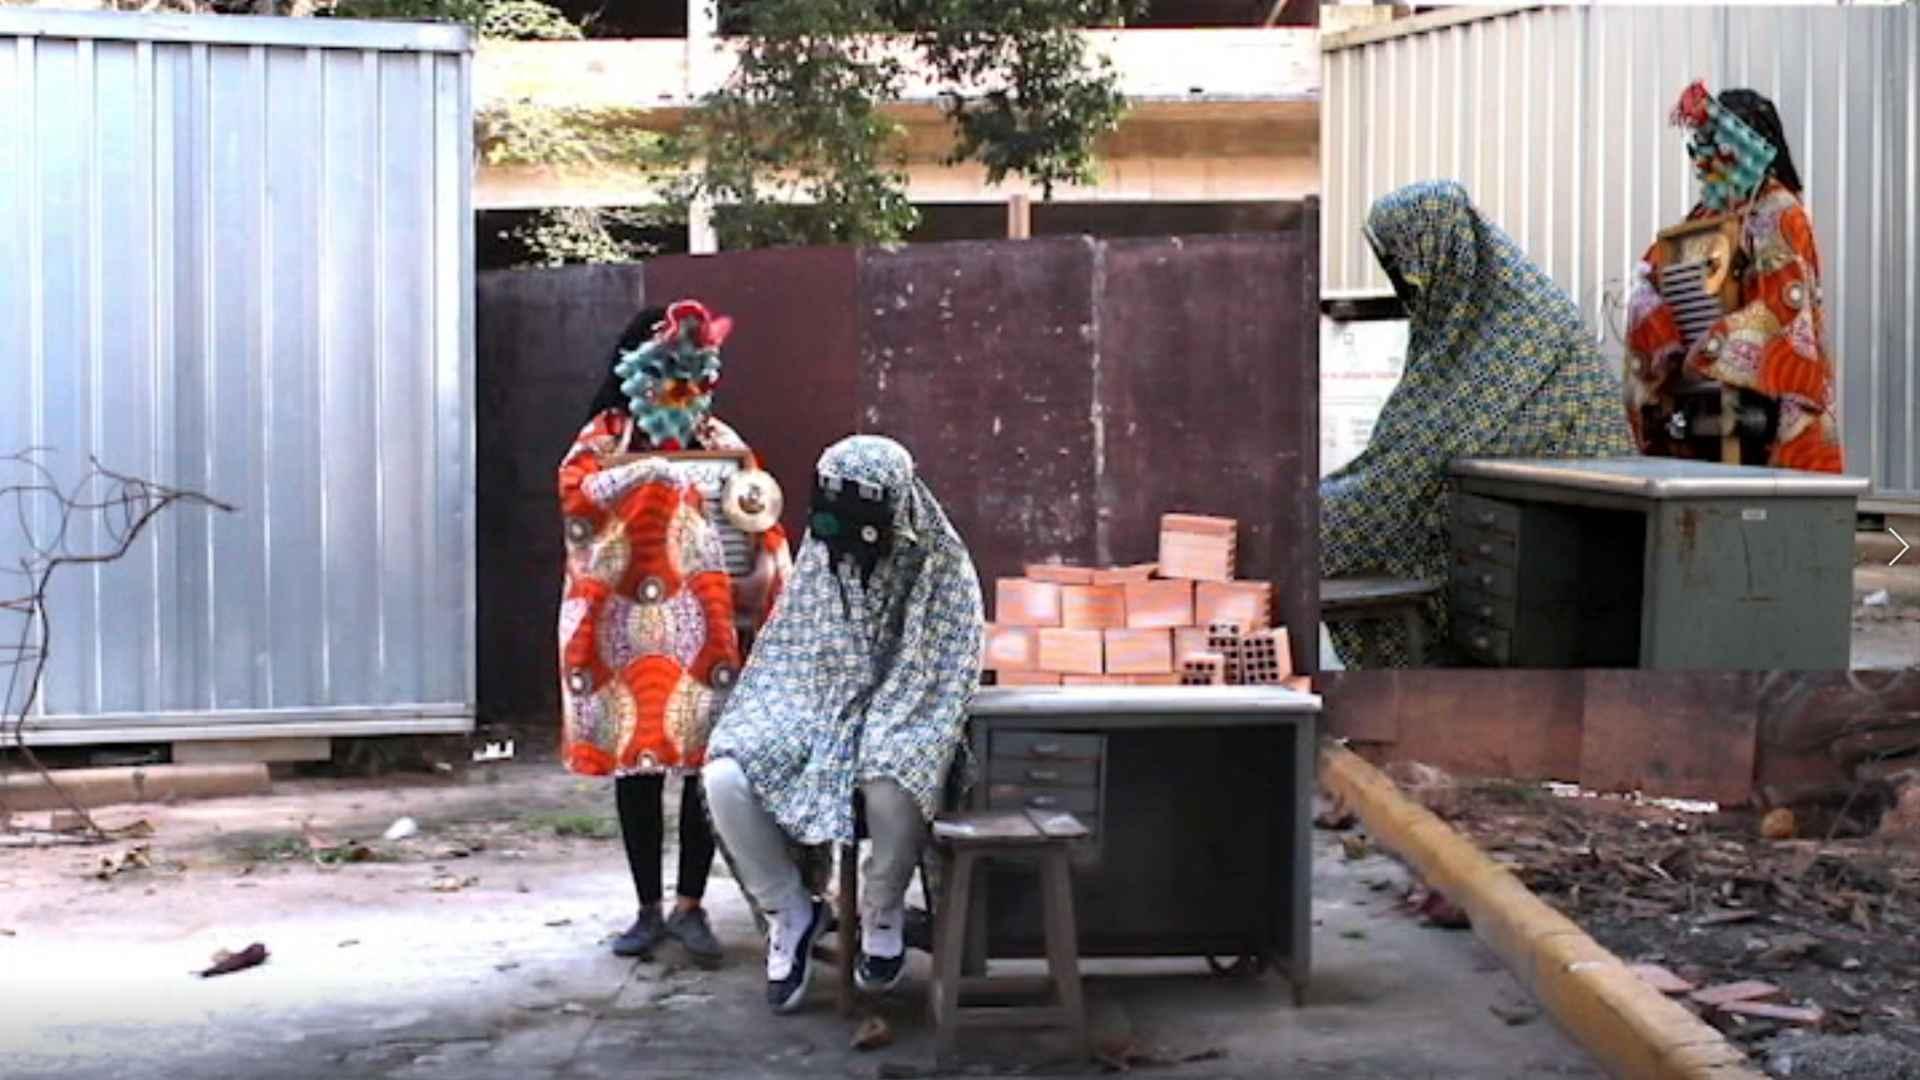 A produção 'Gambiarra' discute a relação entre arte e tecnologia